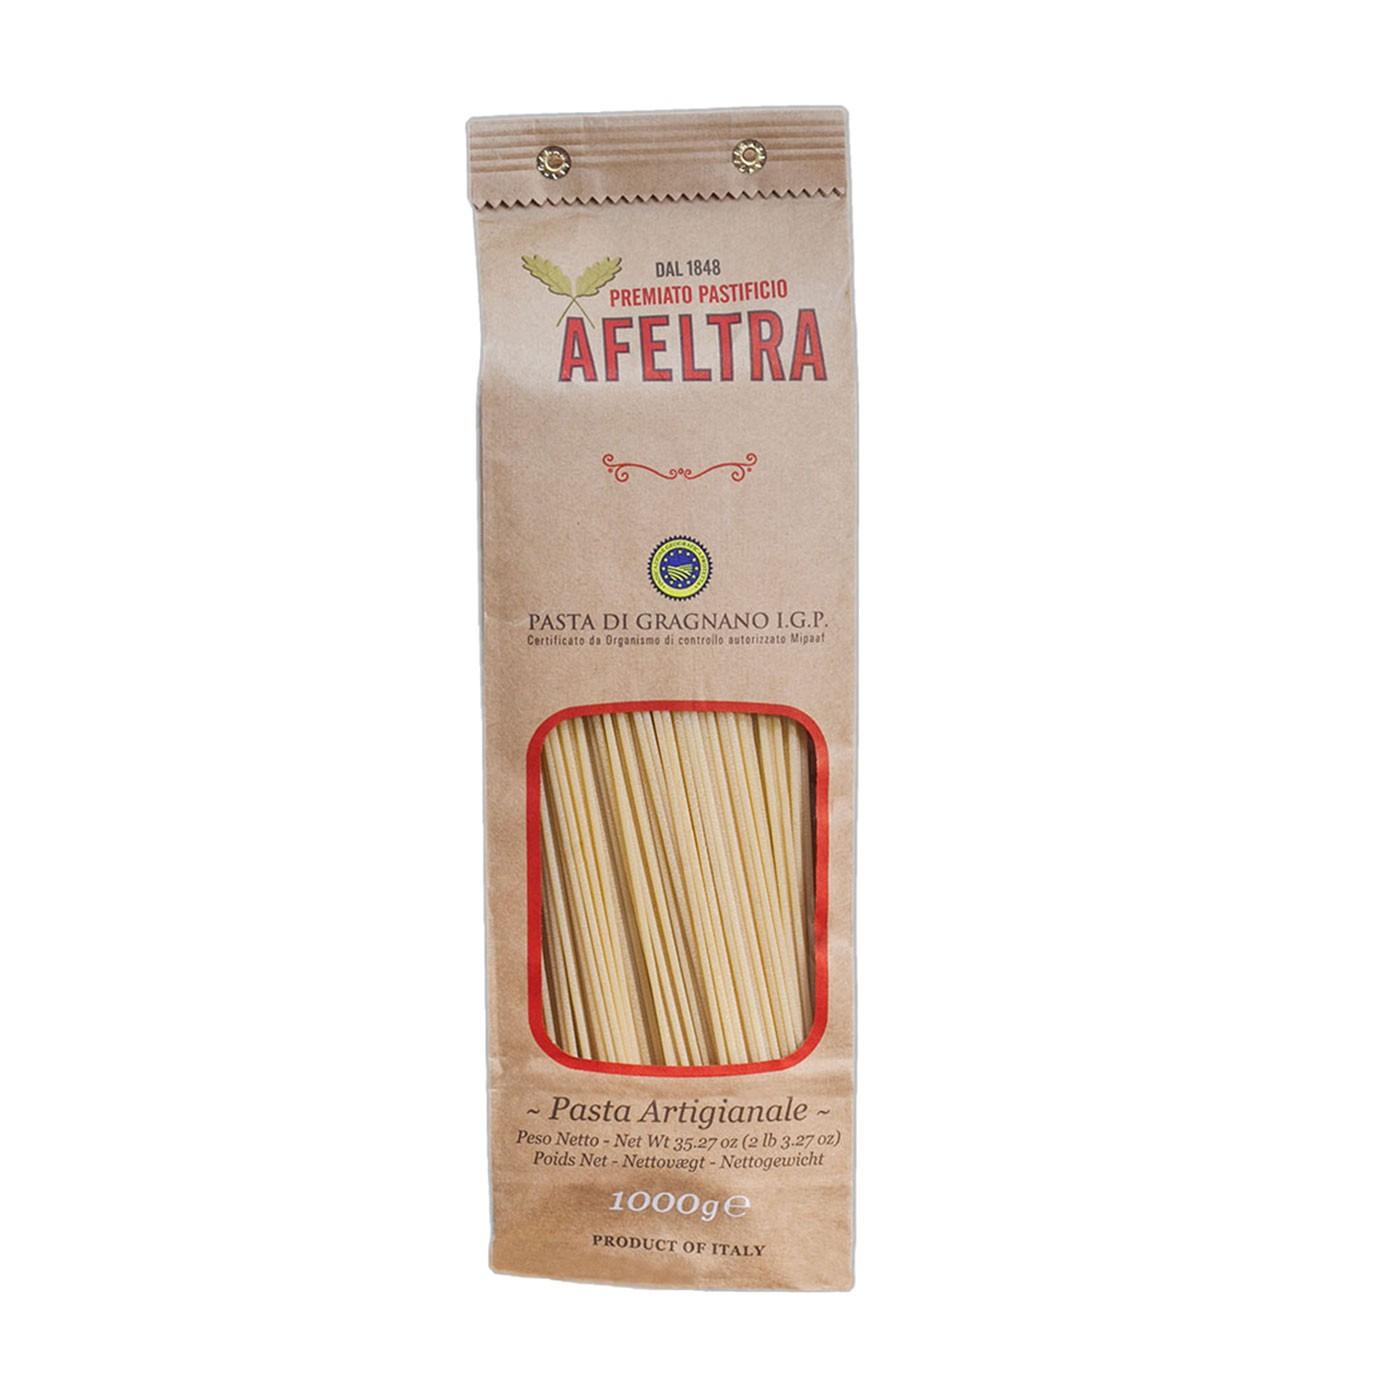 Spaghetti 35.3 oz - Afeltra